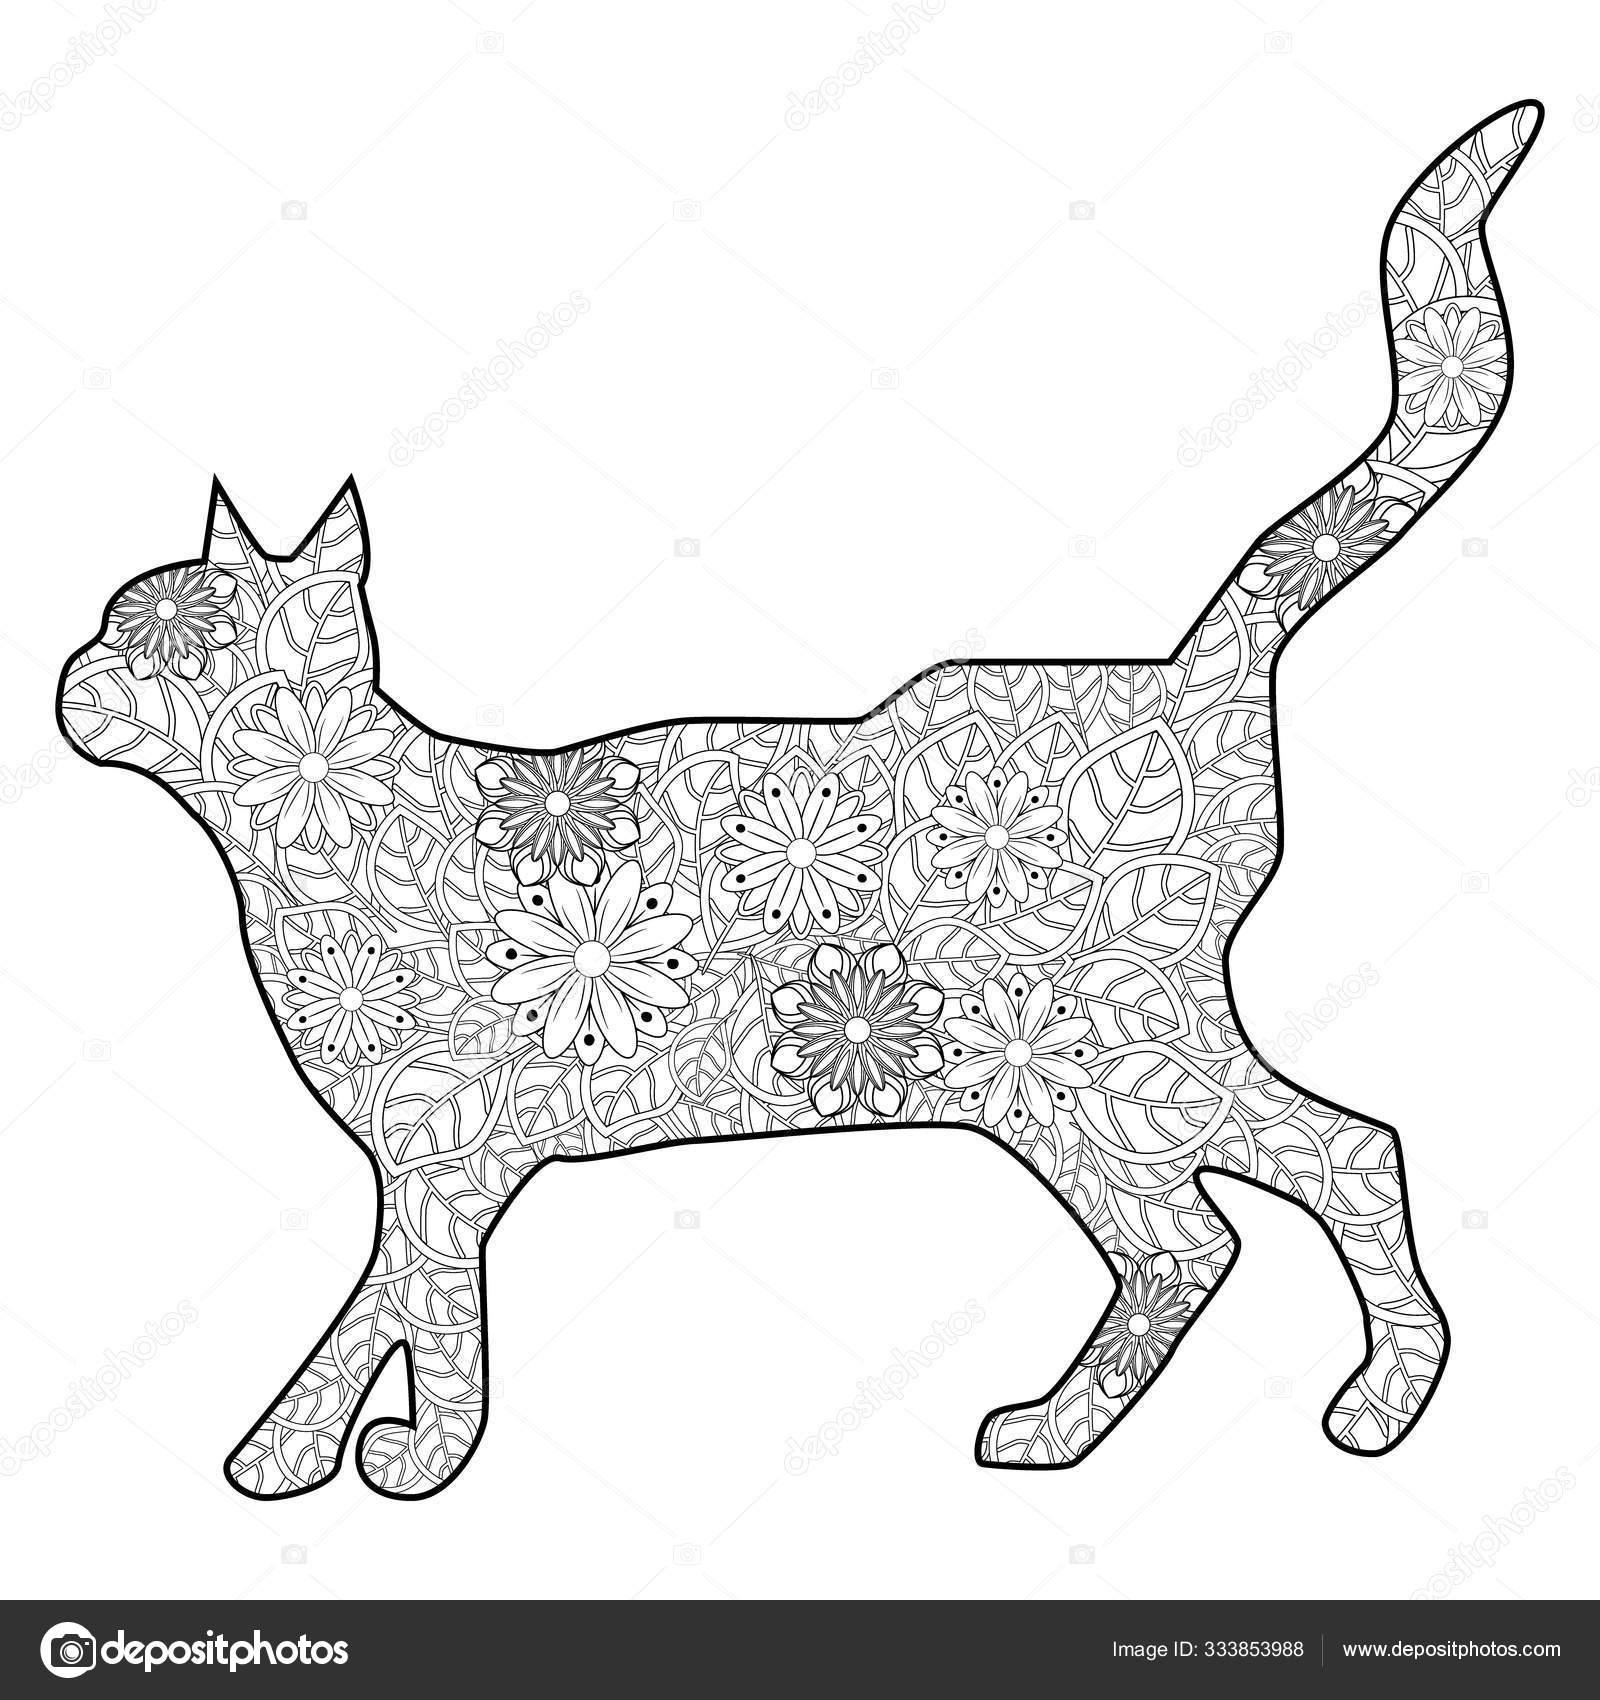 Книга-раскраска Волшебный кот для взрослых. Художественно ...